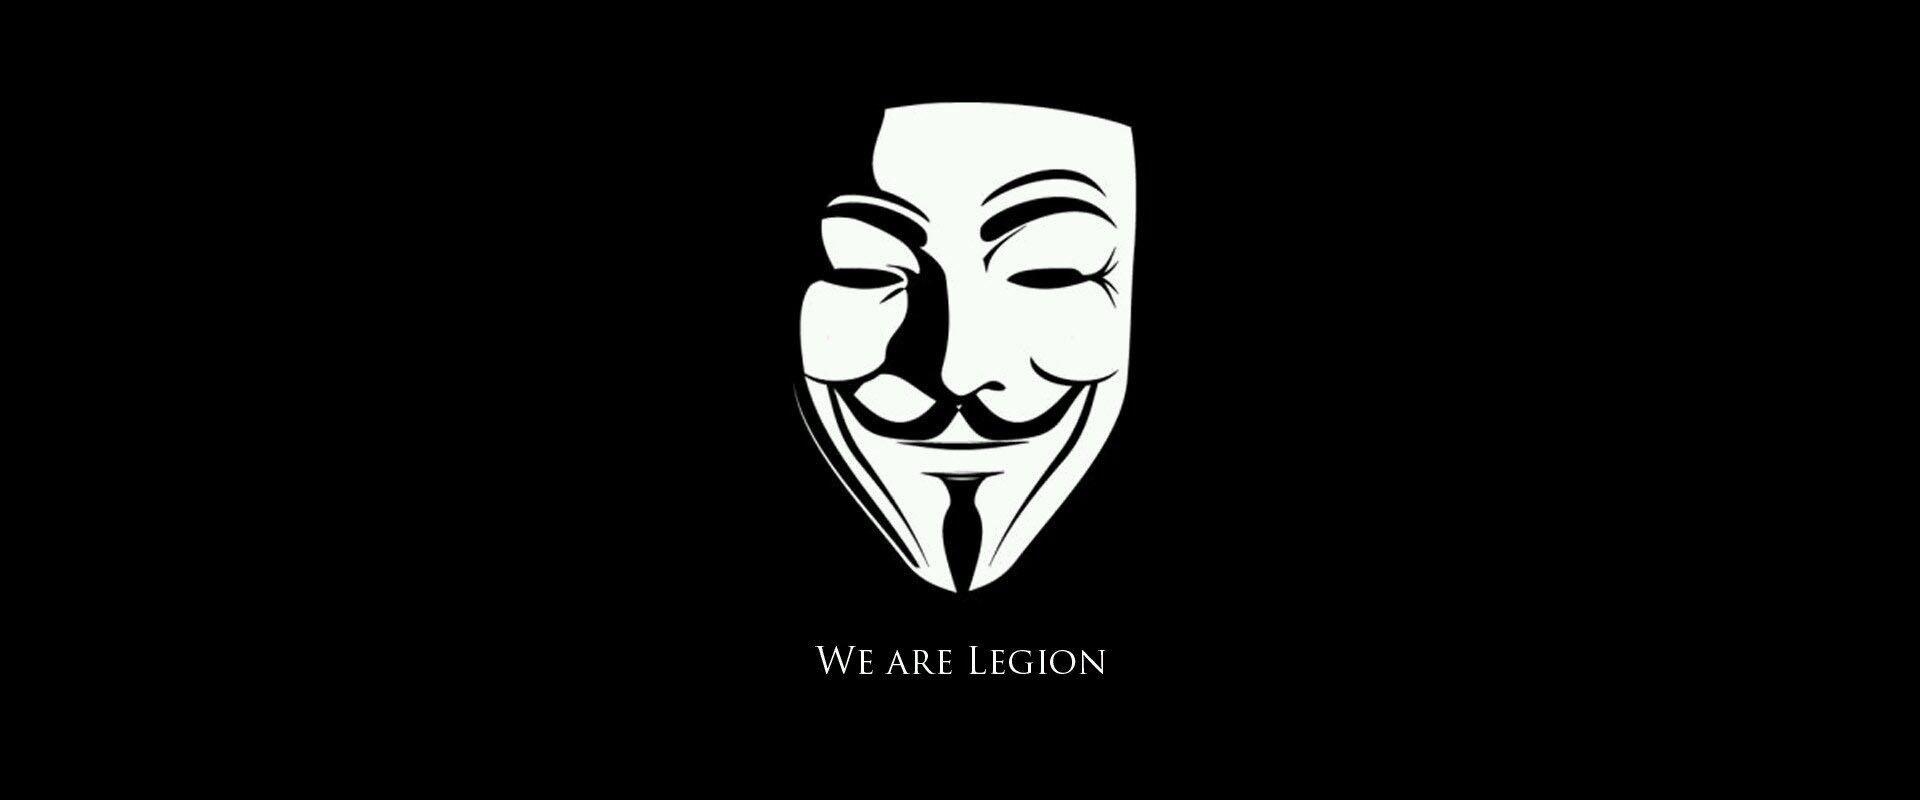 هک شبکه پلی استیشن و گروه انانیموس